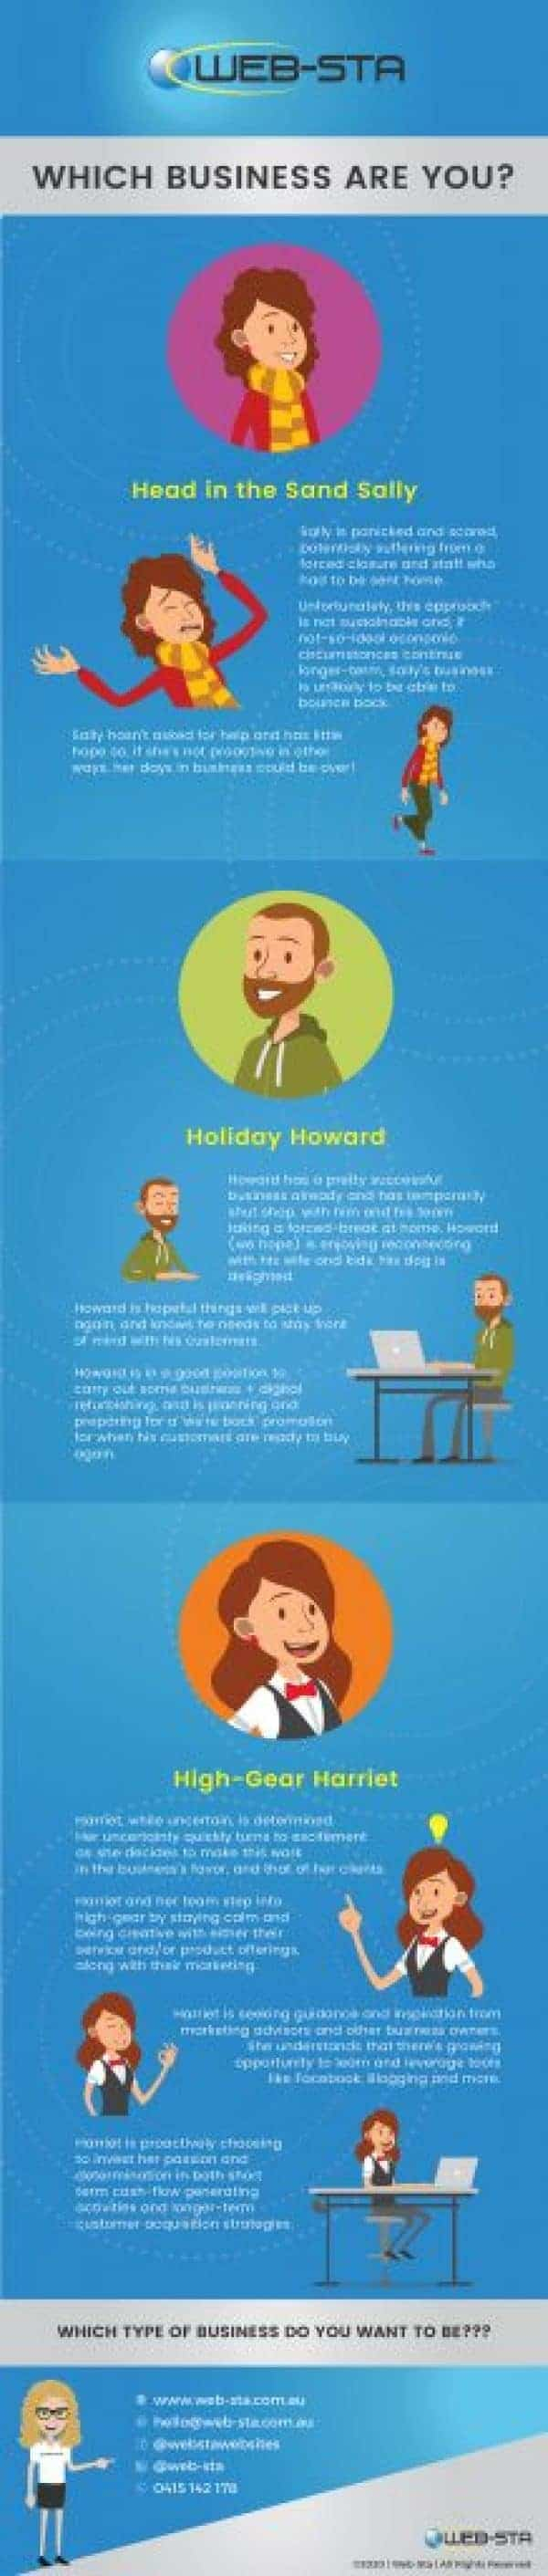 Web Design Company - Web design correlates with credibility